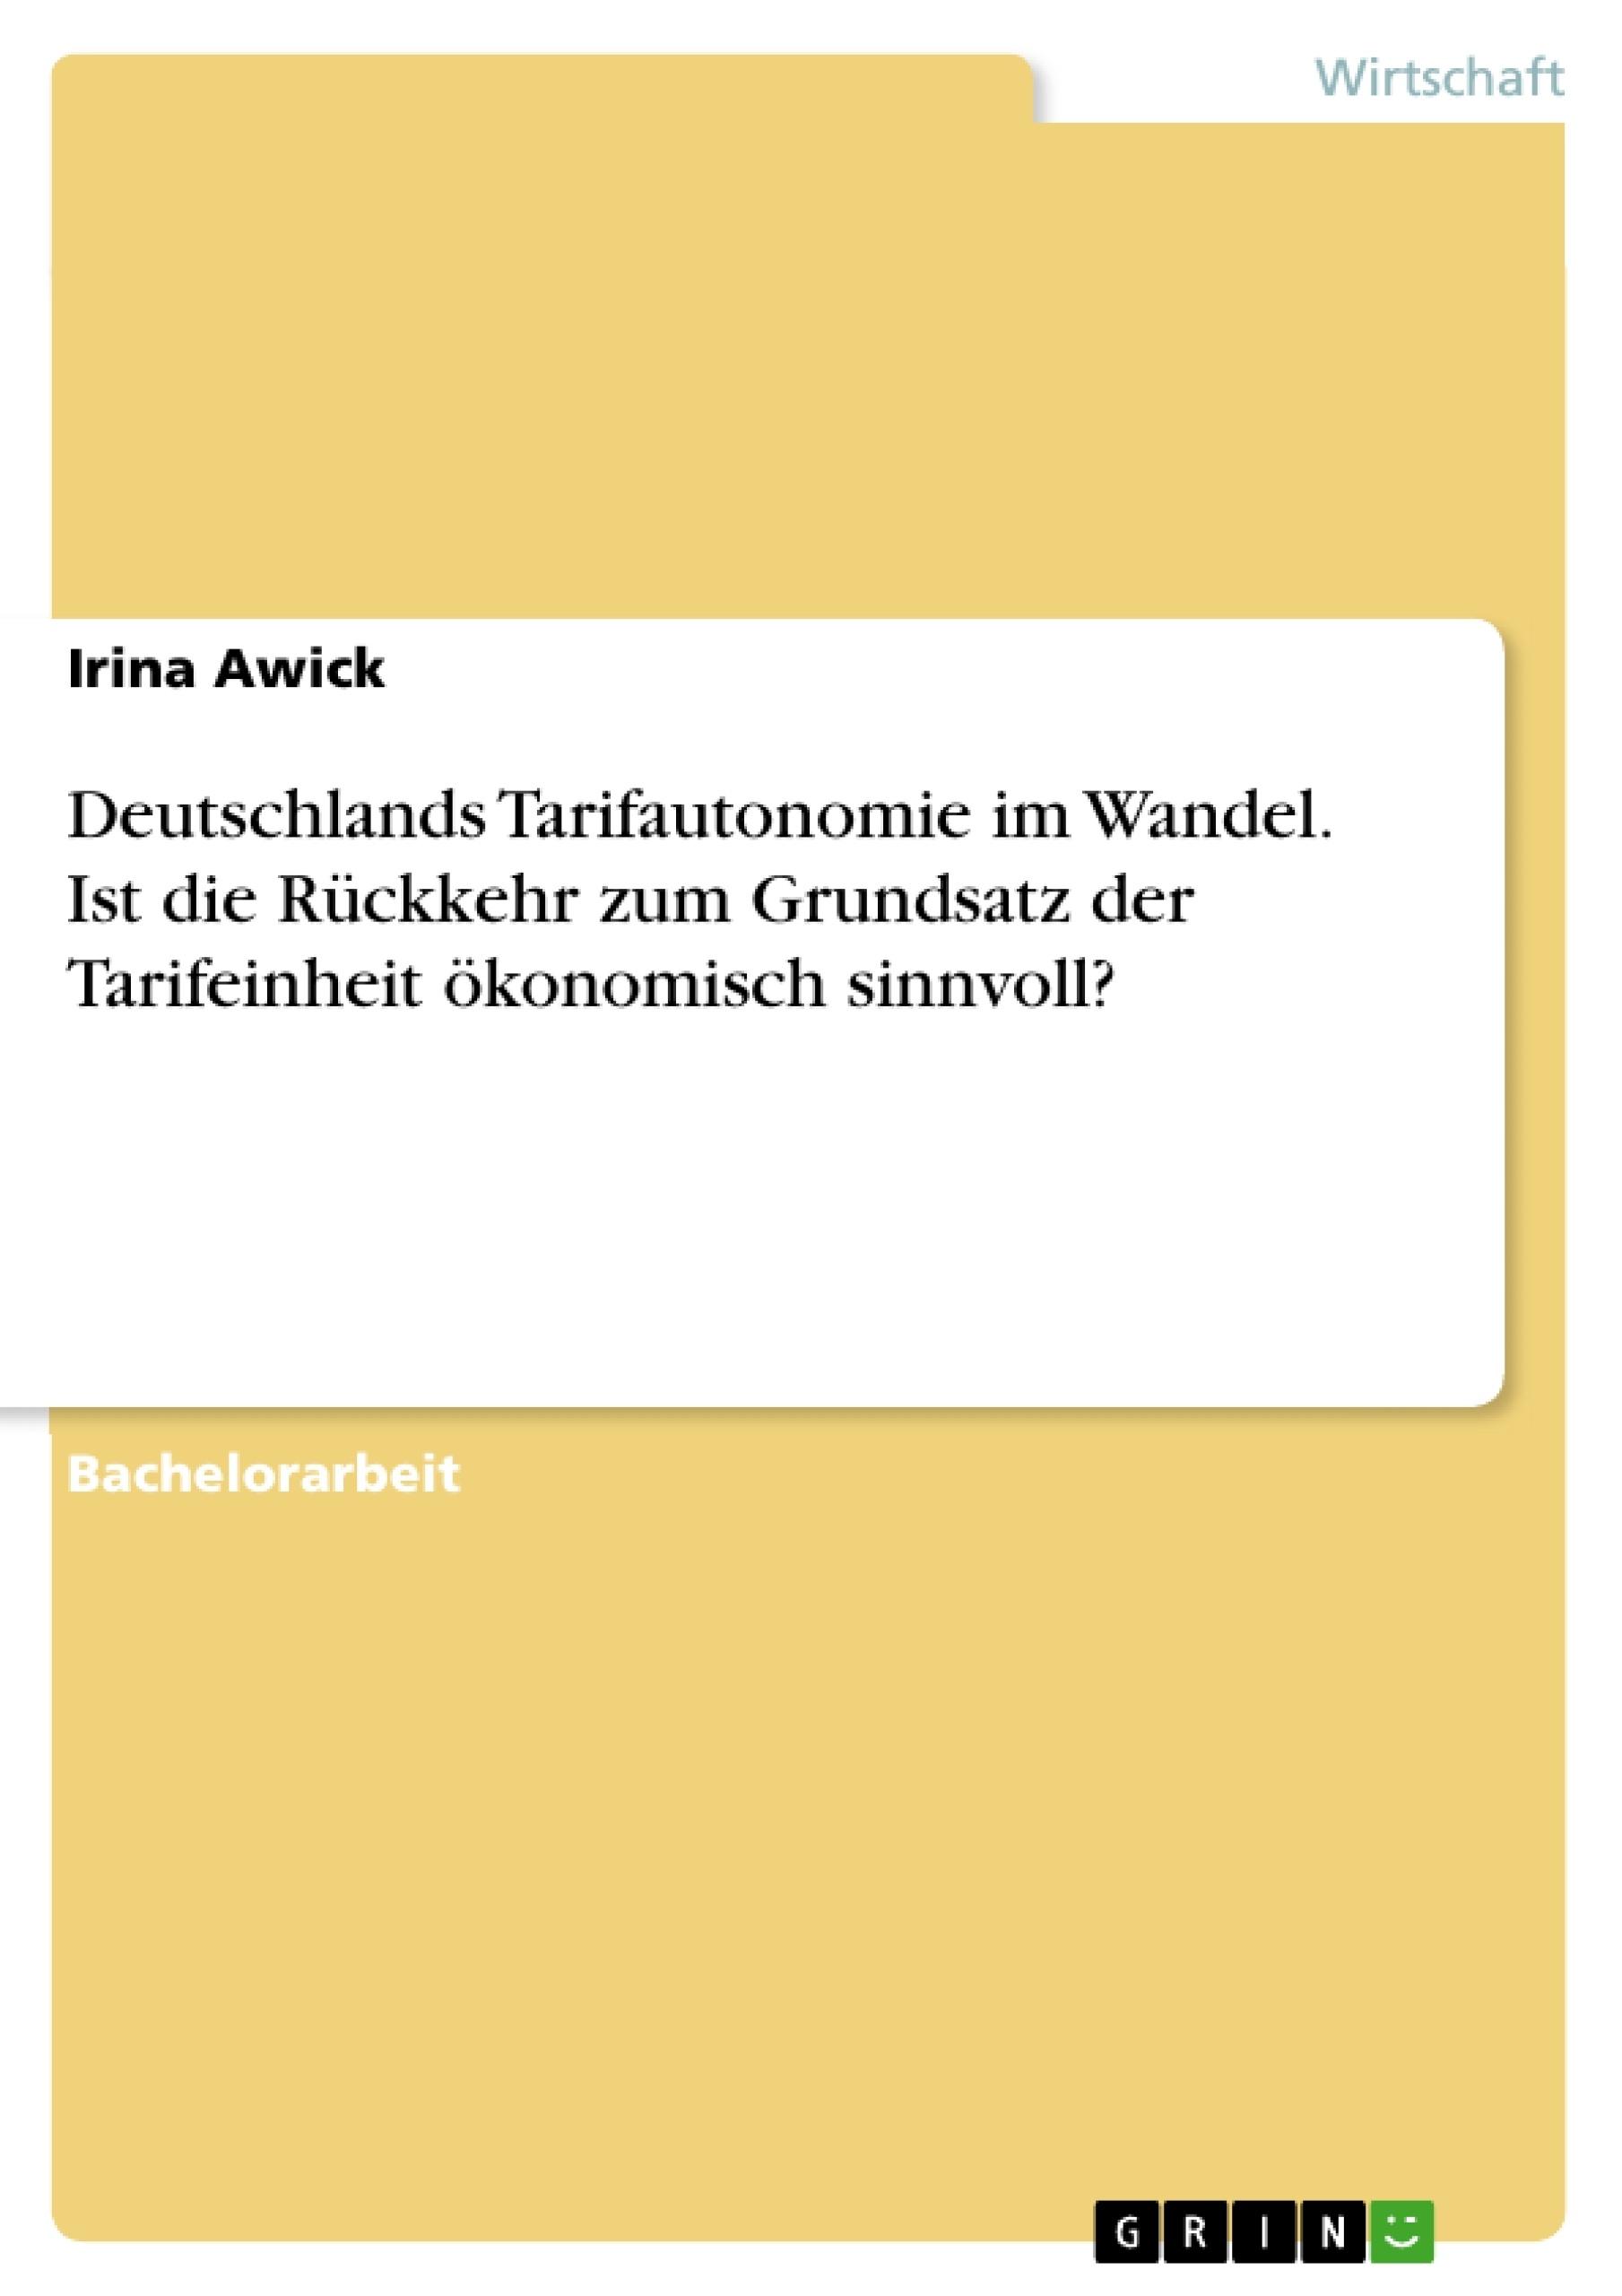 Titel: Deutschlands Tarifautonomie im Wandel. Ist die Rückkehr zum Grundsatz der Tarifeinheit ökonomisch sinnvoll?